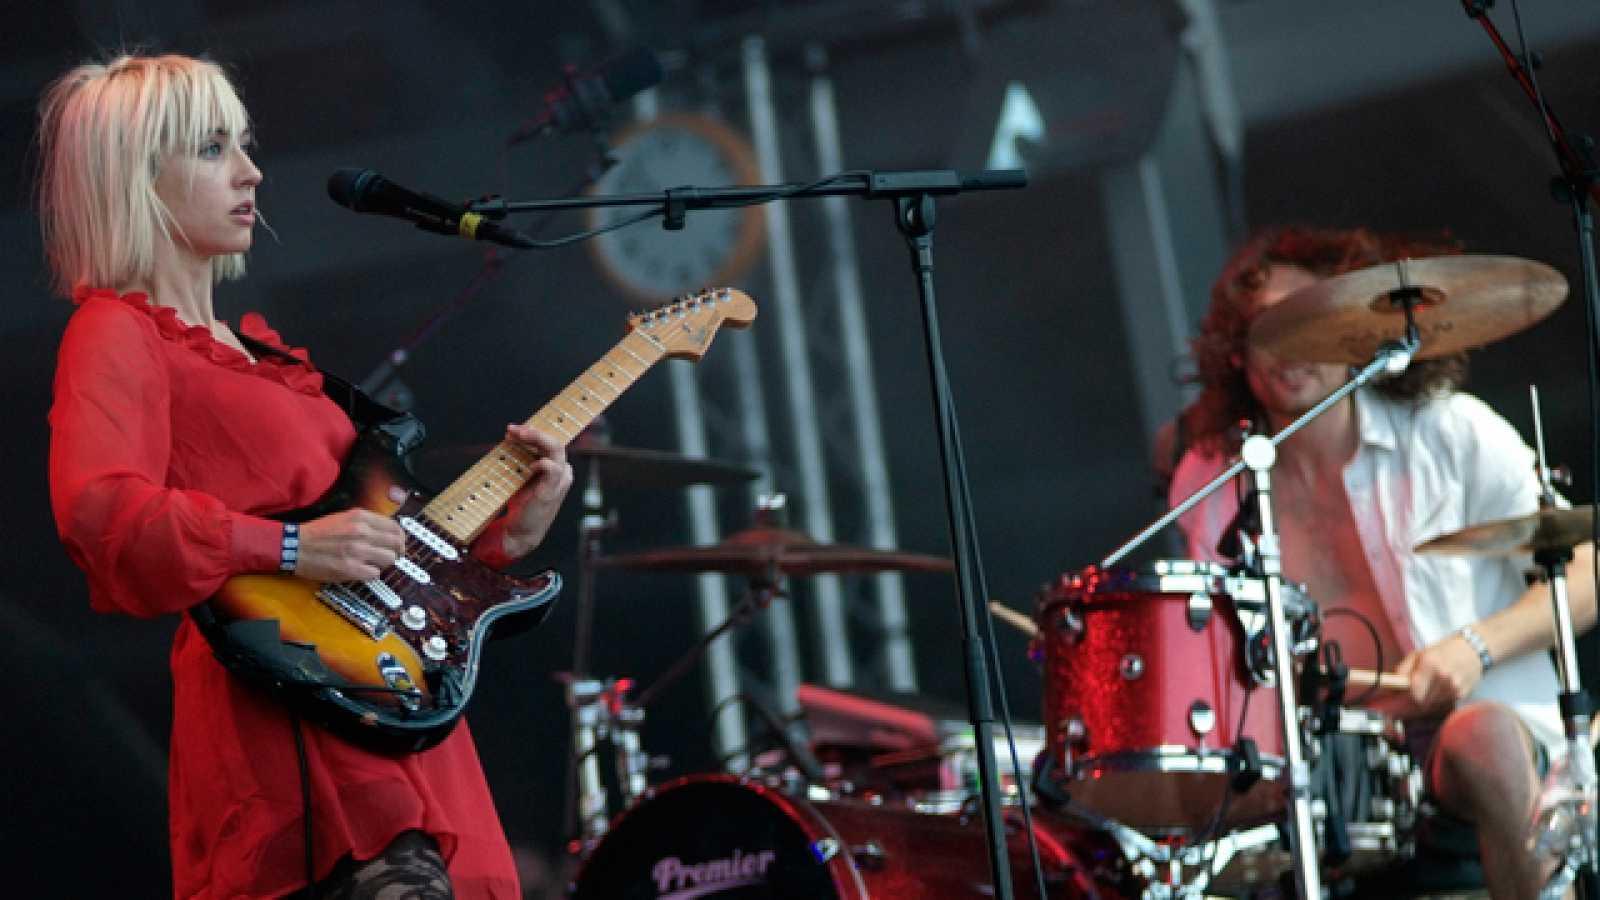 The Joy Formidable ofrecieron un enérgico concierto para presentar el domingo en Benicassim las canciones de su disco debut, 'The big roar' (17/07/11).